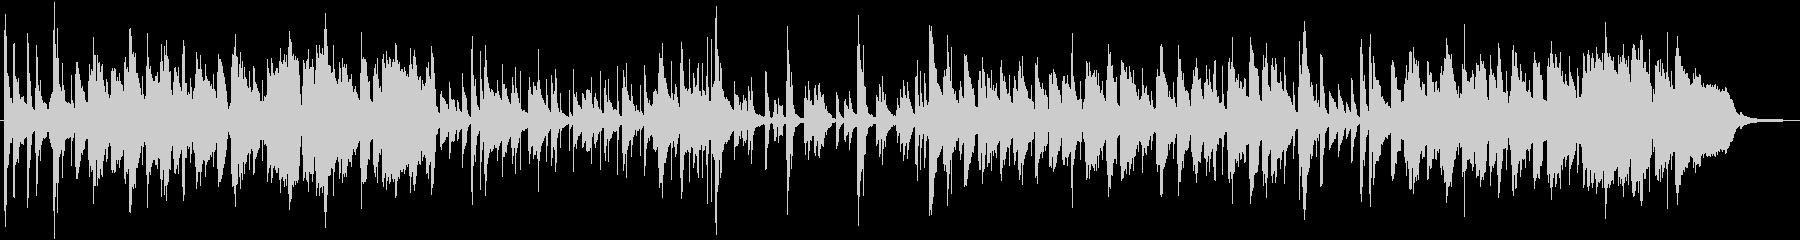 アンニュイなボサノバの未再生の波形